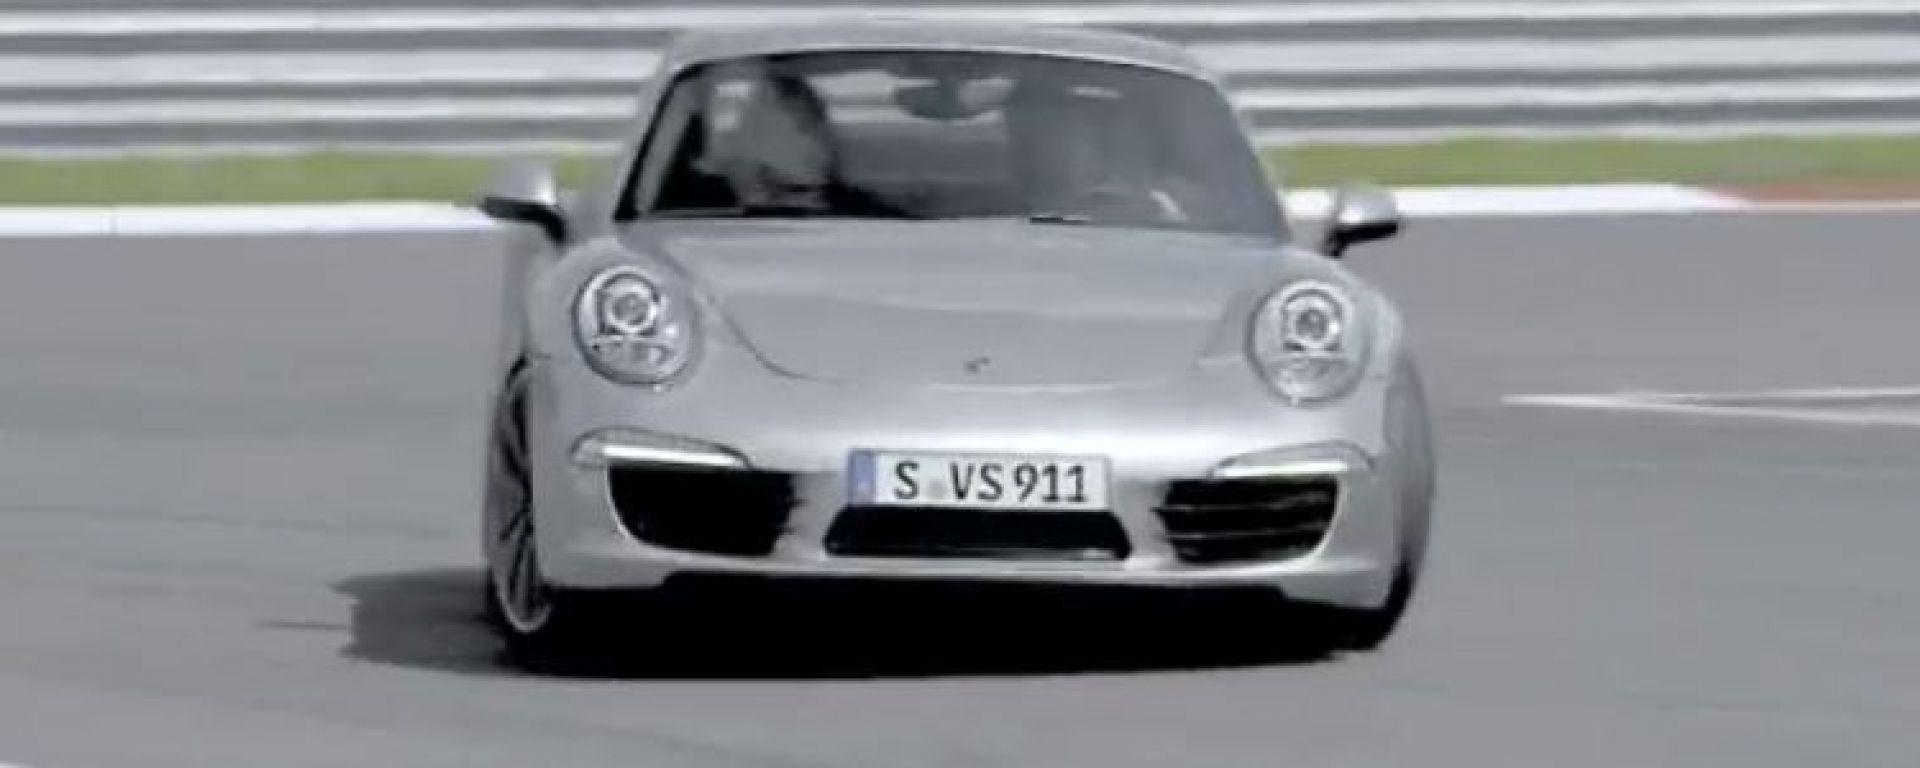 Porsche Leipzig Co-Pilot: brivido in pista